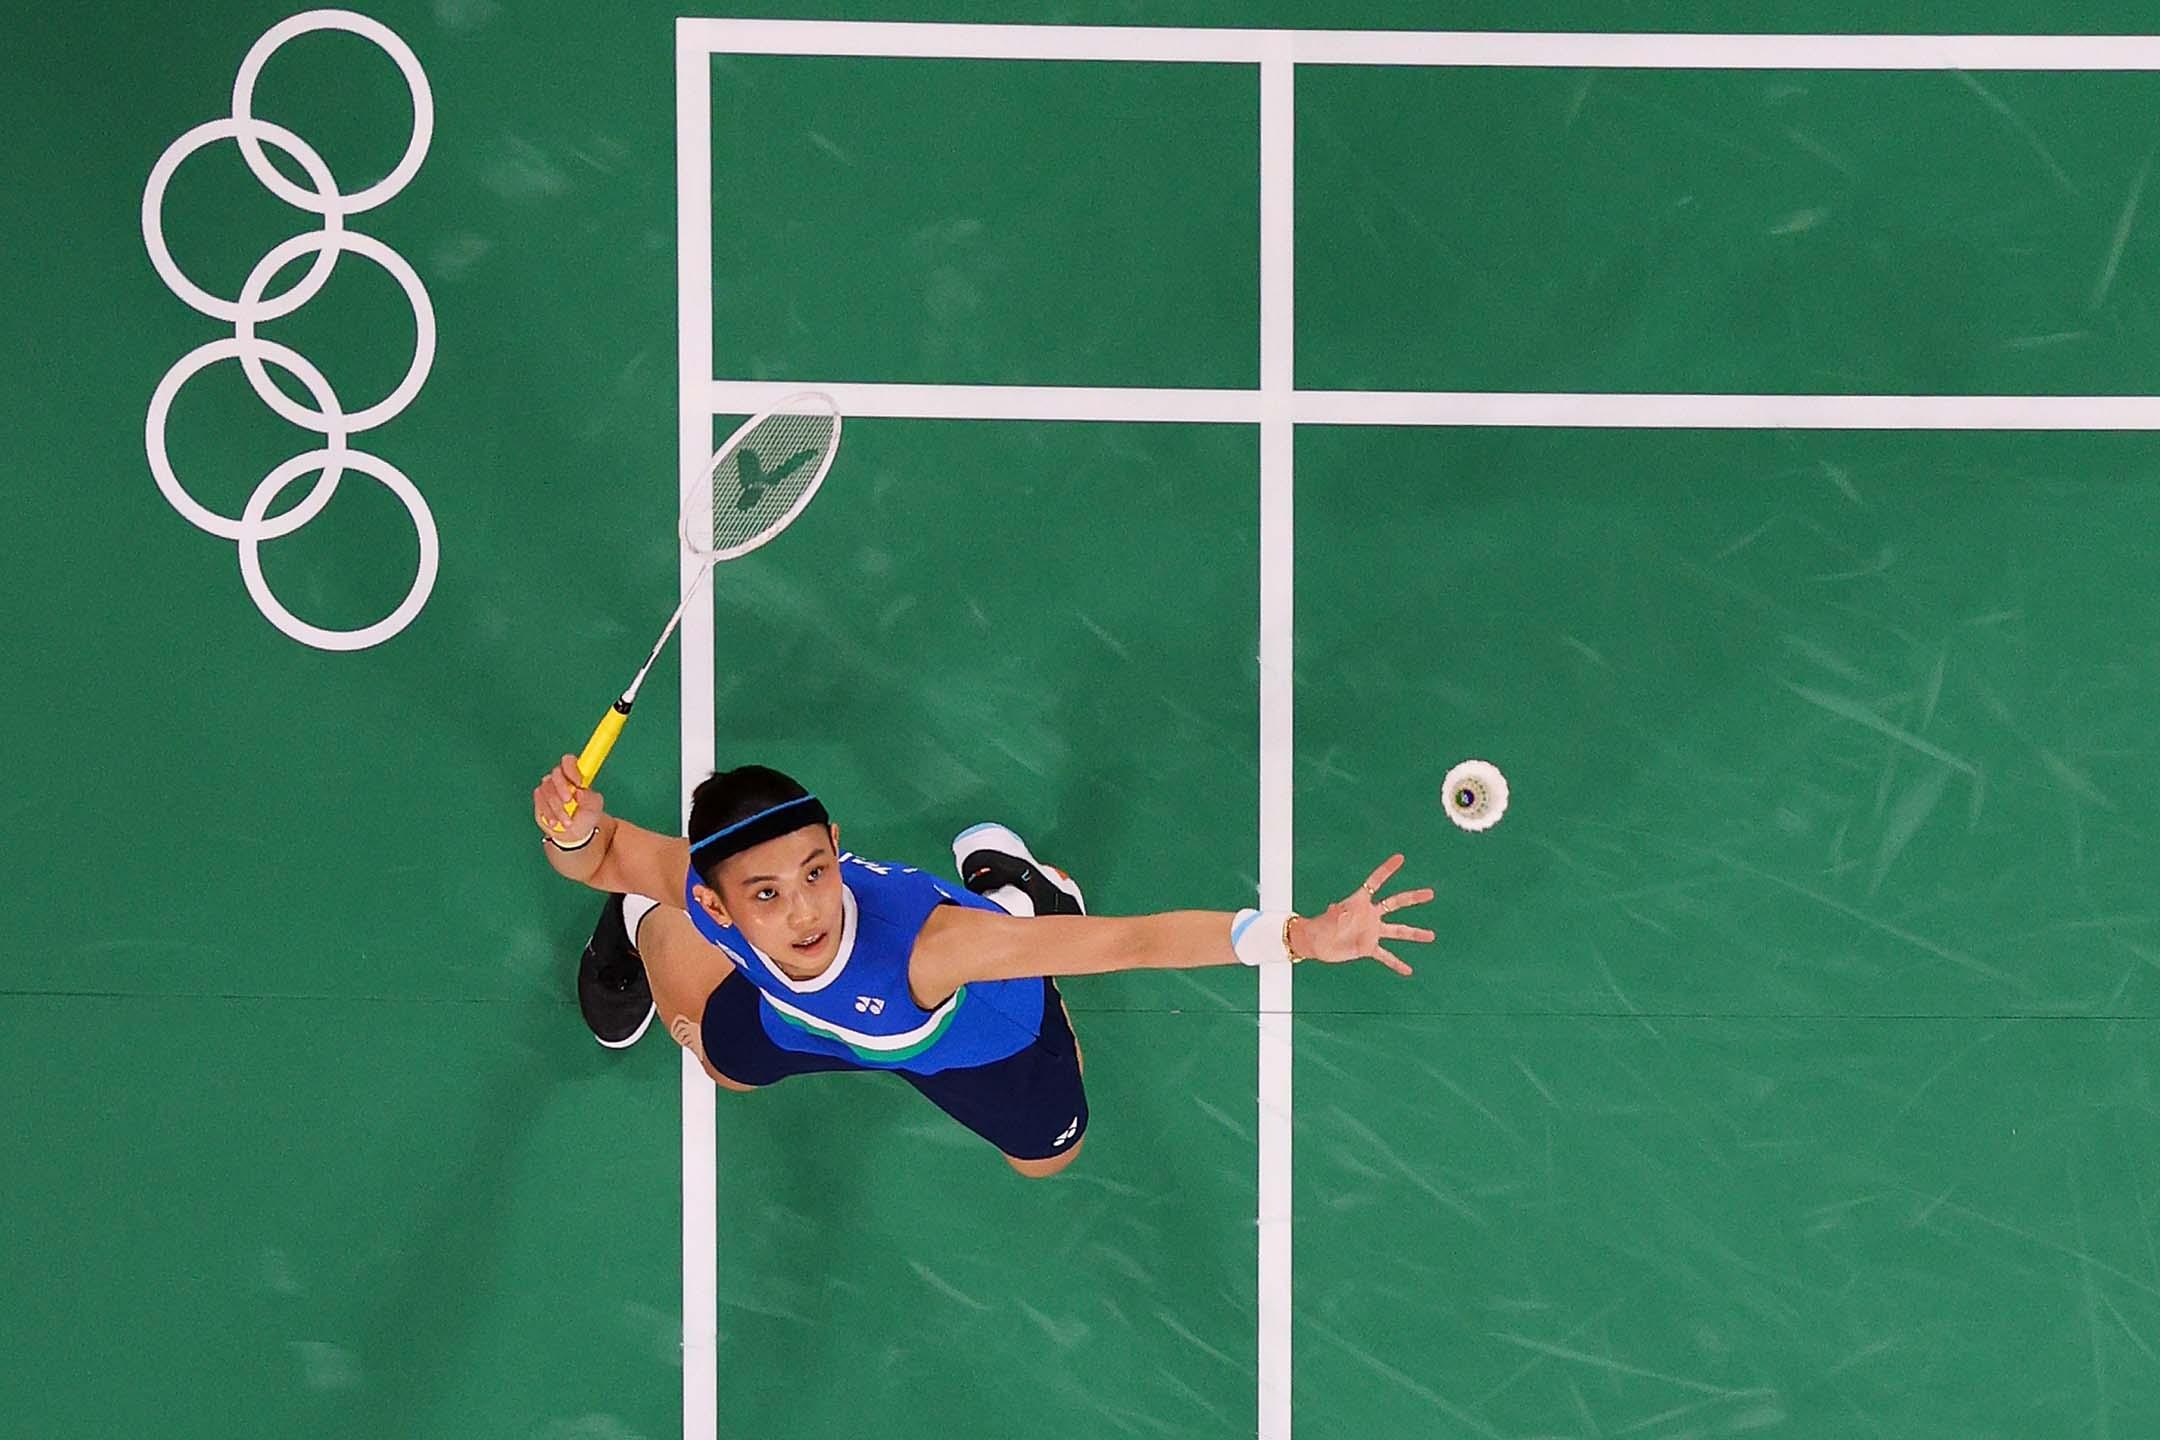 2020年8月1日東京奧運會女子羽毛球單打決賽,中華台北隊的戴資穎與中國隊的陳雨菲比賽。